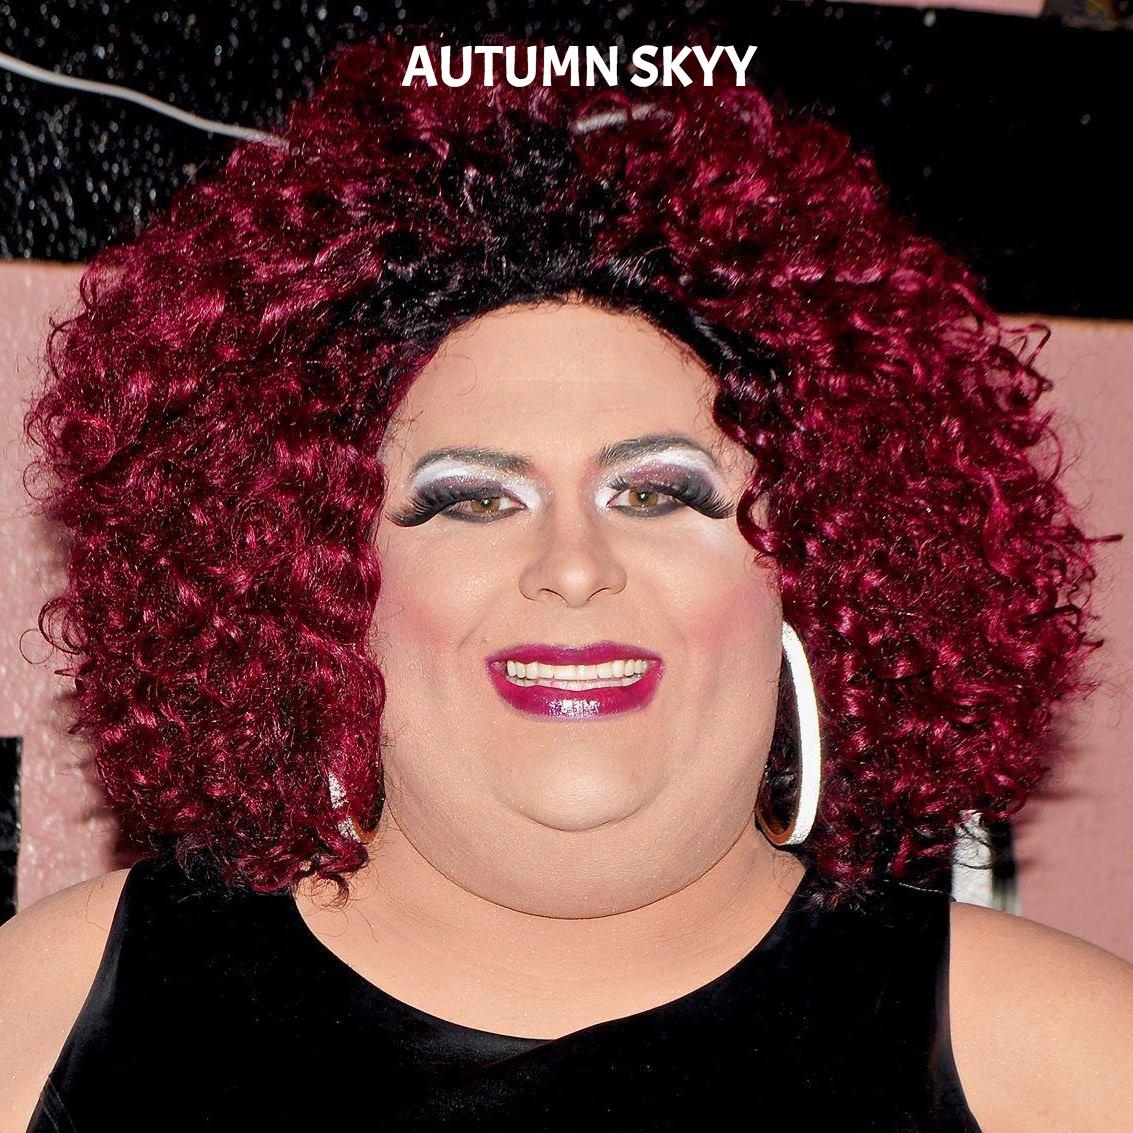 Autumn Skyy